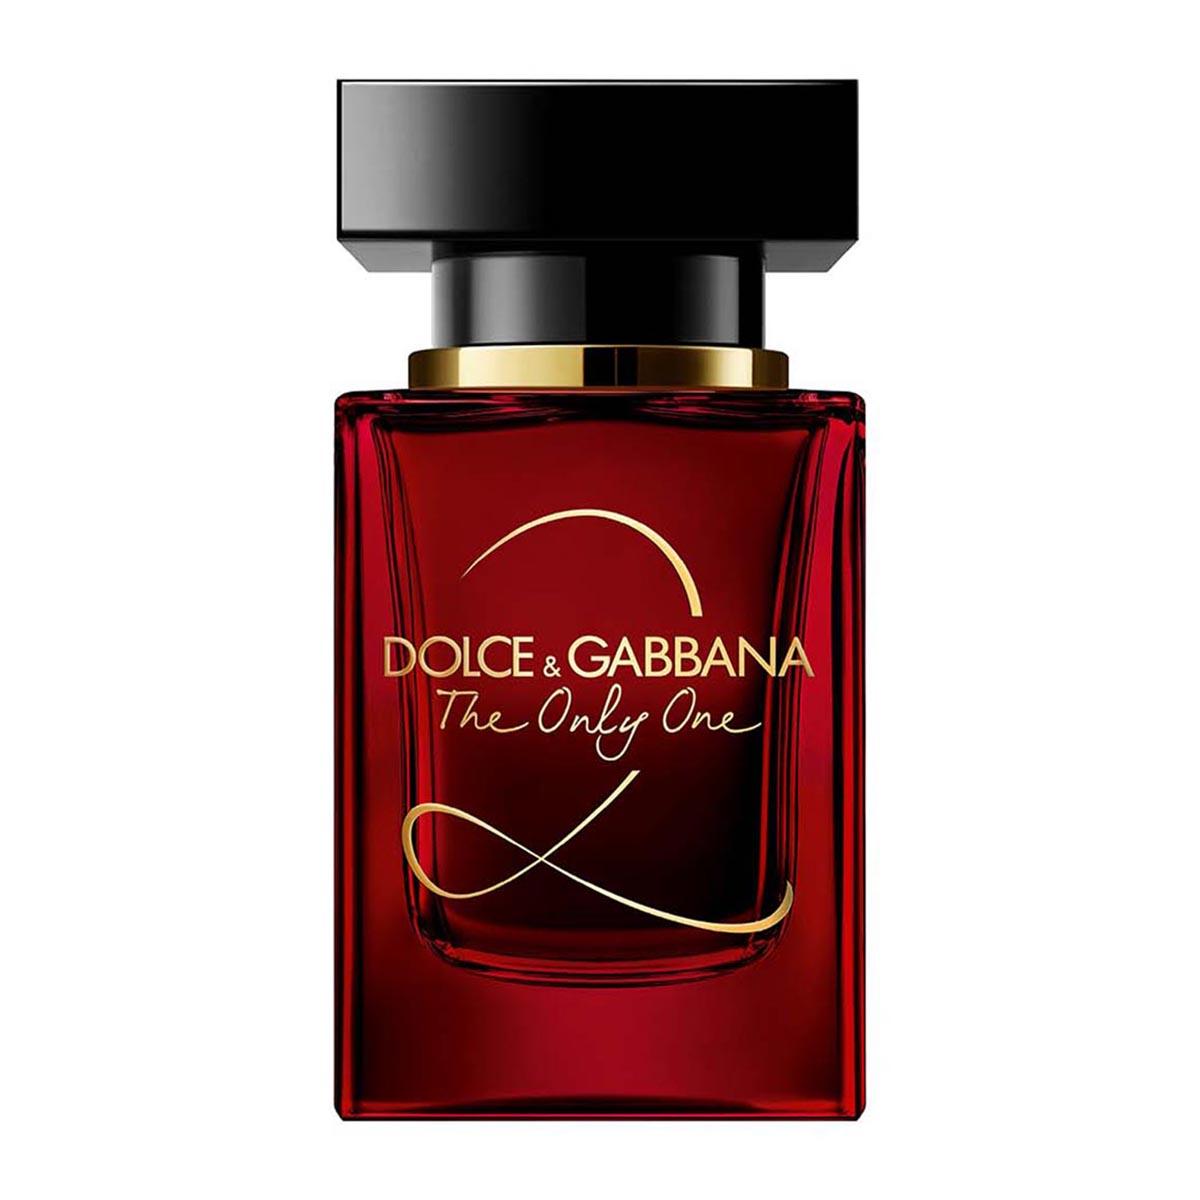 Dolce gabbana the only one 2 eau de parfum 100ml vaporizador